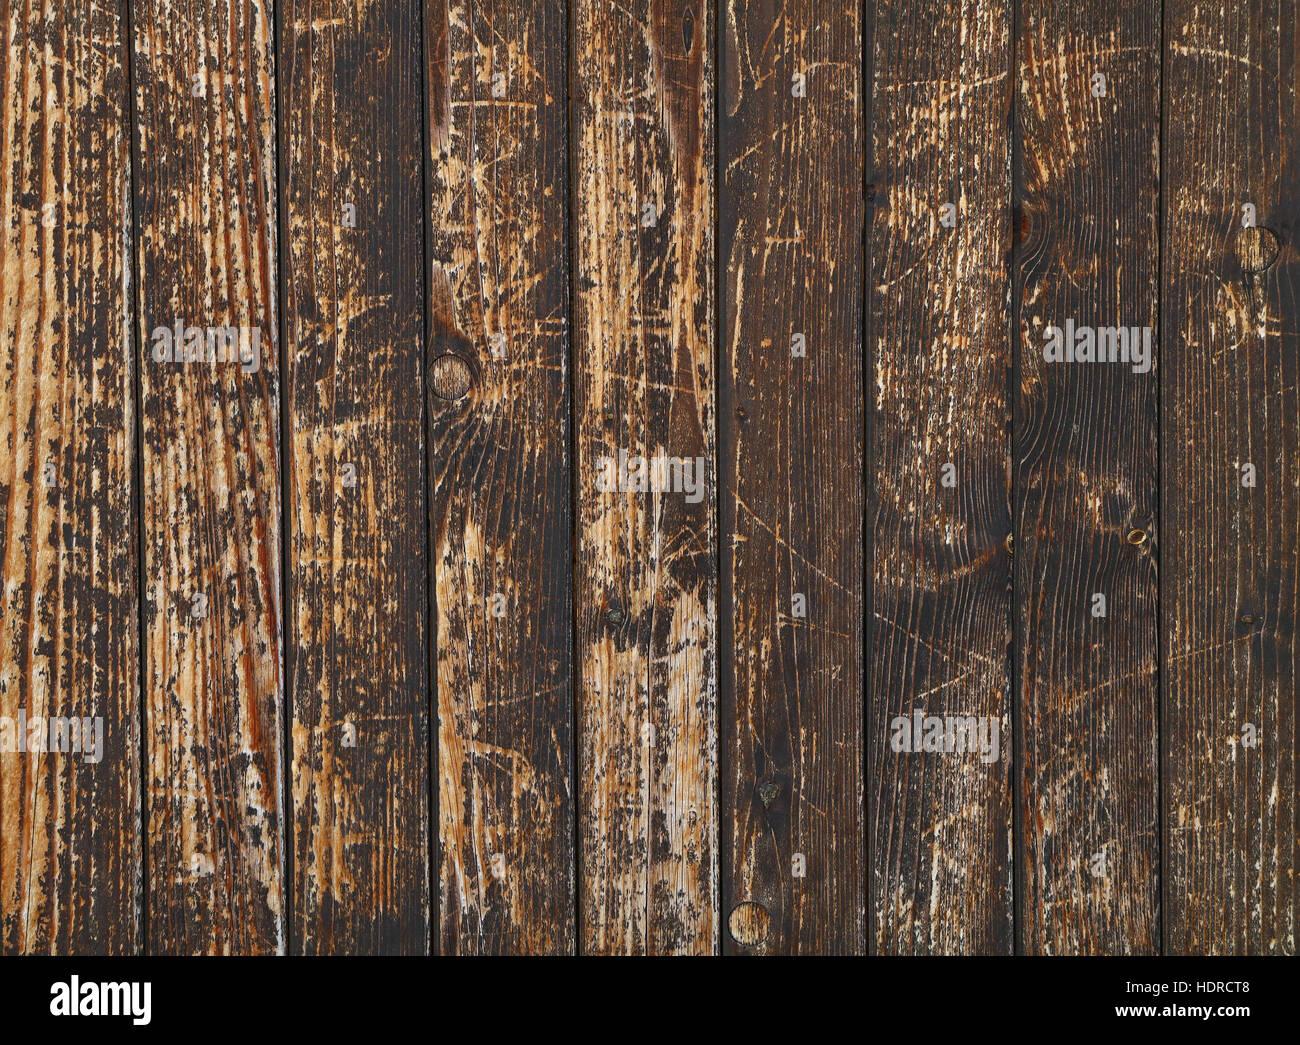 Holzboden Dielen alte vintage im alter grunge braune und graue holzboden dielen